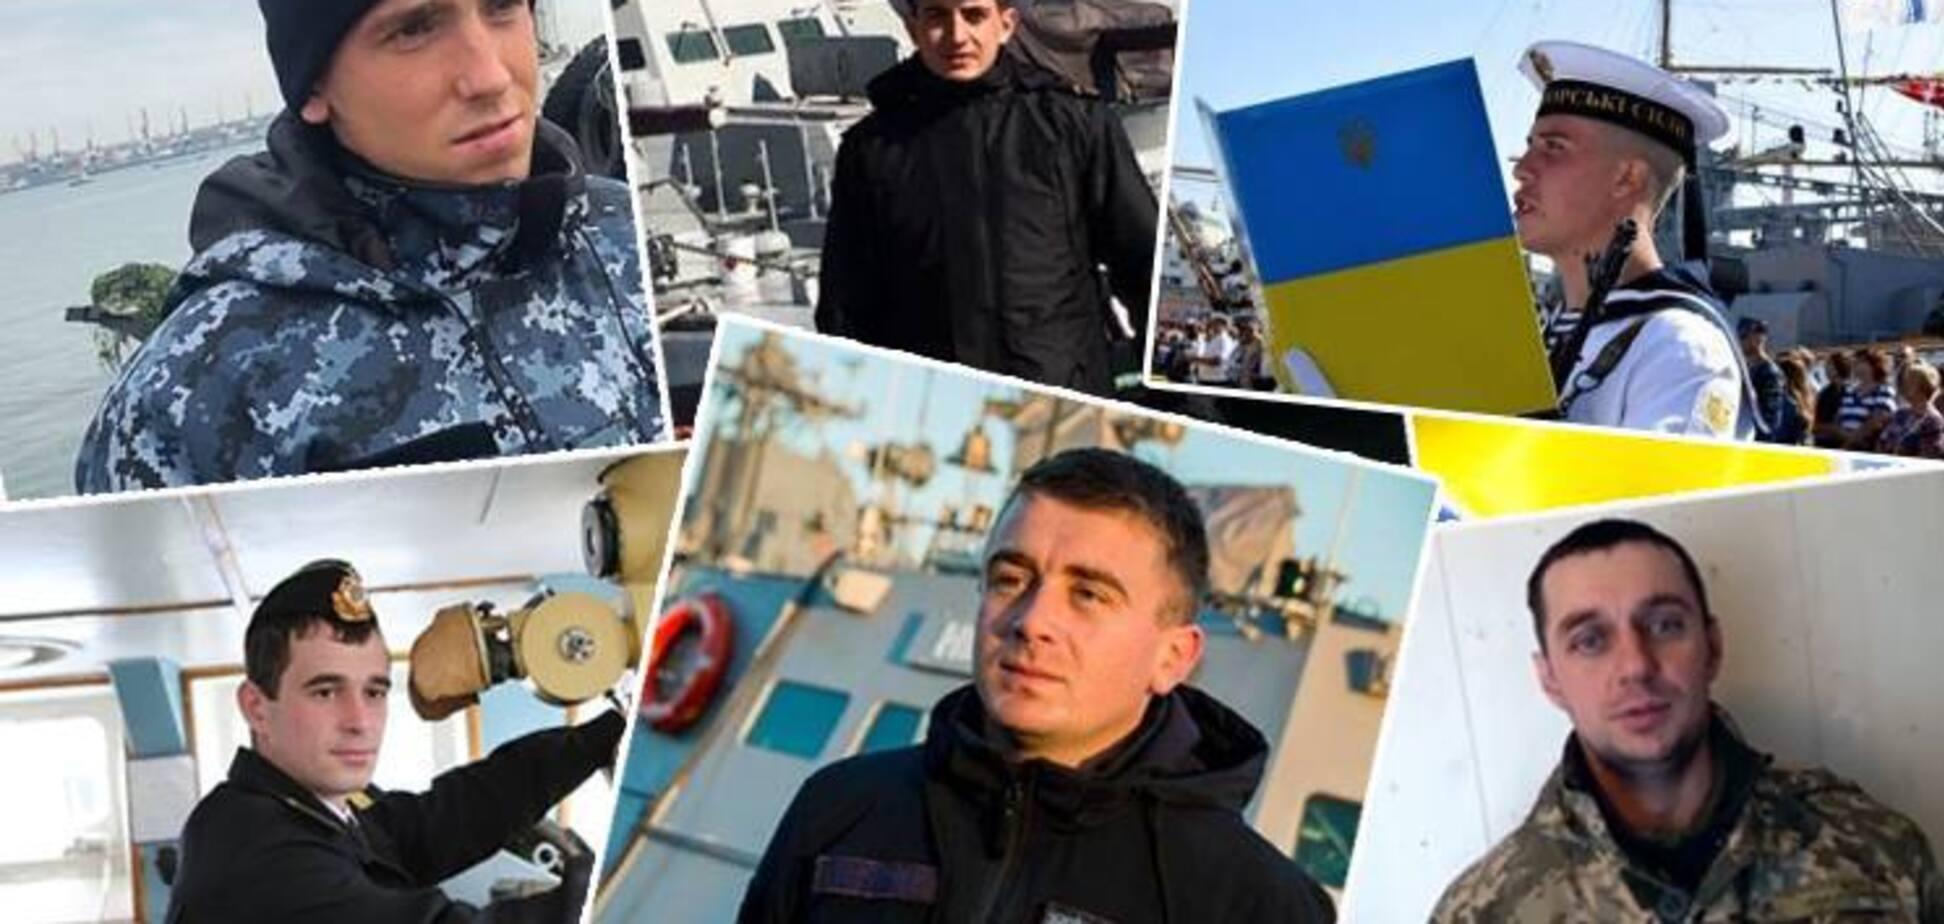 Потрібен компроміс: батько полоненого українського моряка виступив із несподіваною заявою